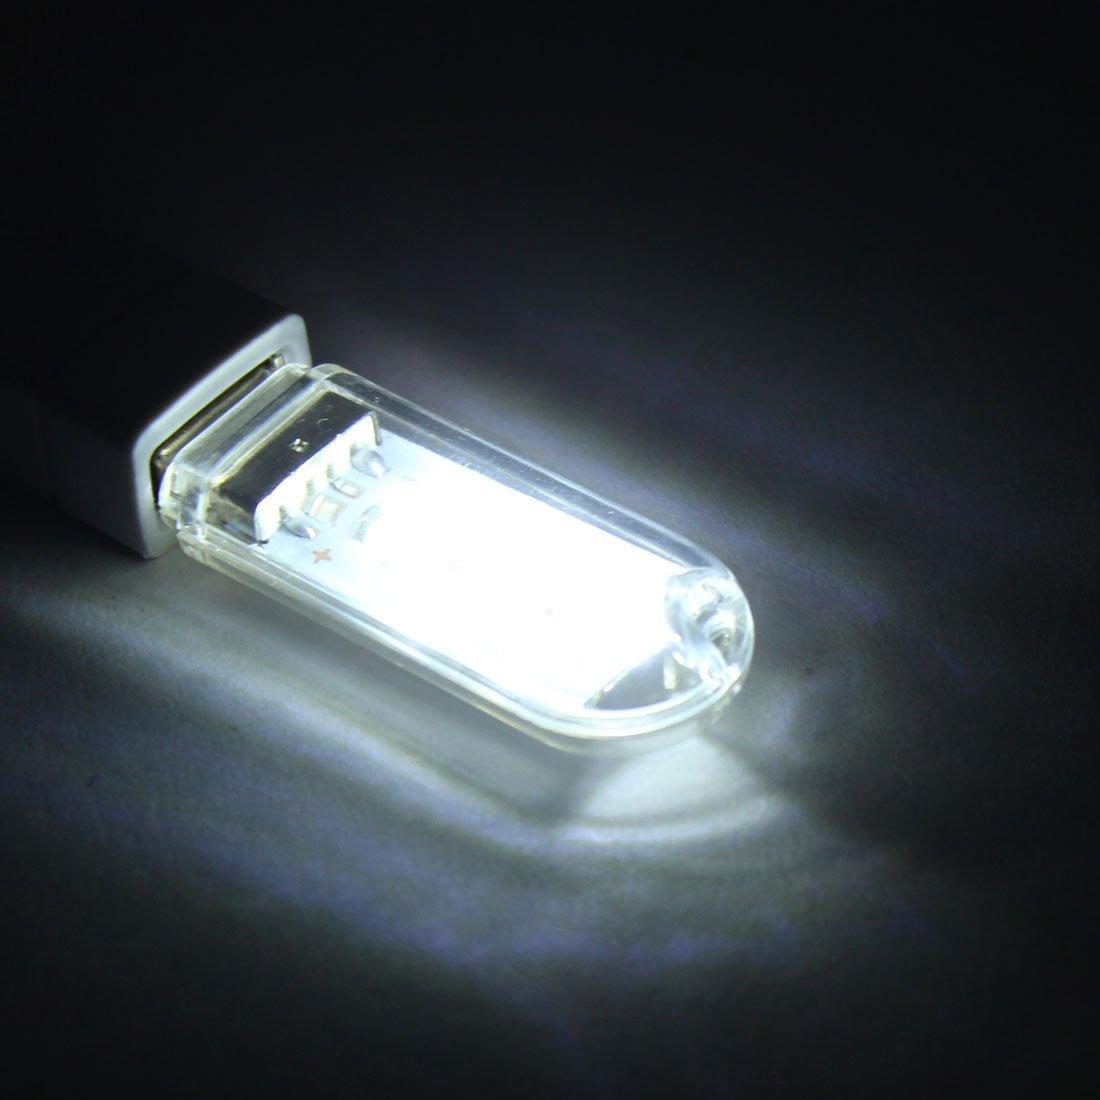 Amazon.com: eDealMax Forma U-Disco plástico CC 5V 1.5W cubierta luz LED USB 2pcs 59mm claro Largo de ordenador: Electronics